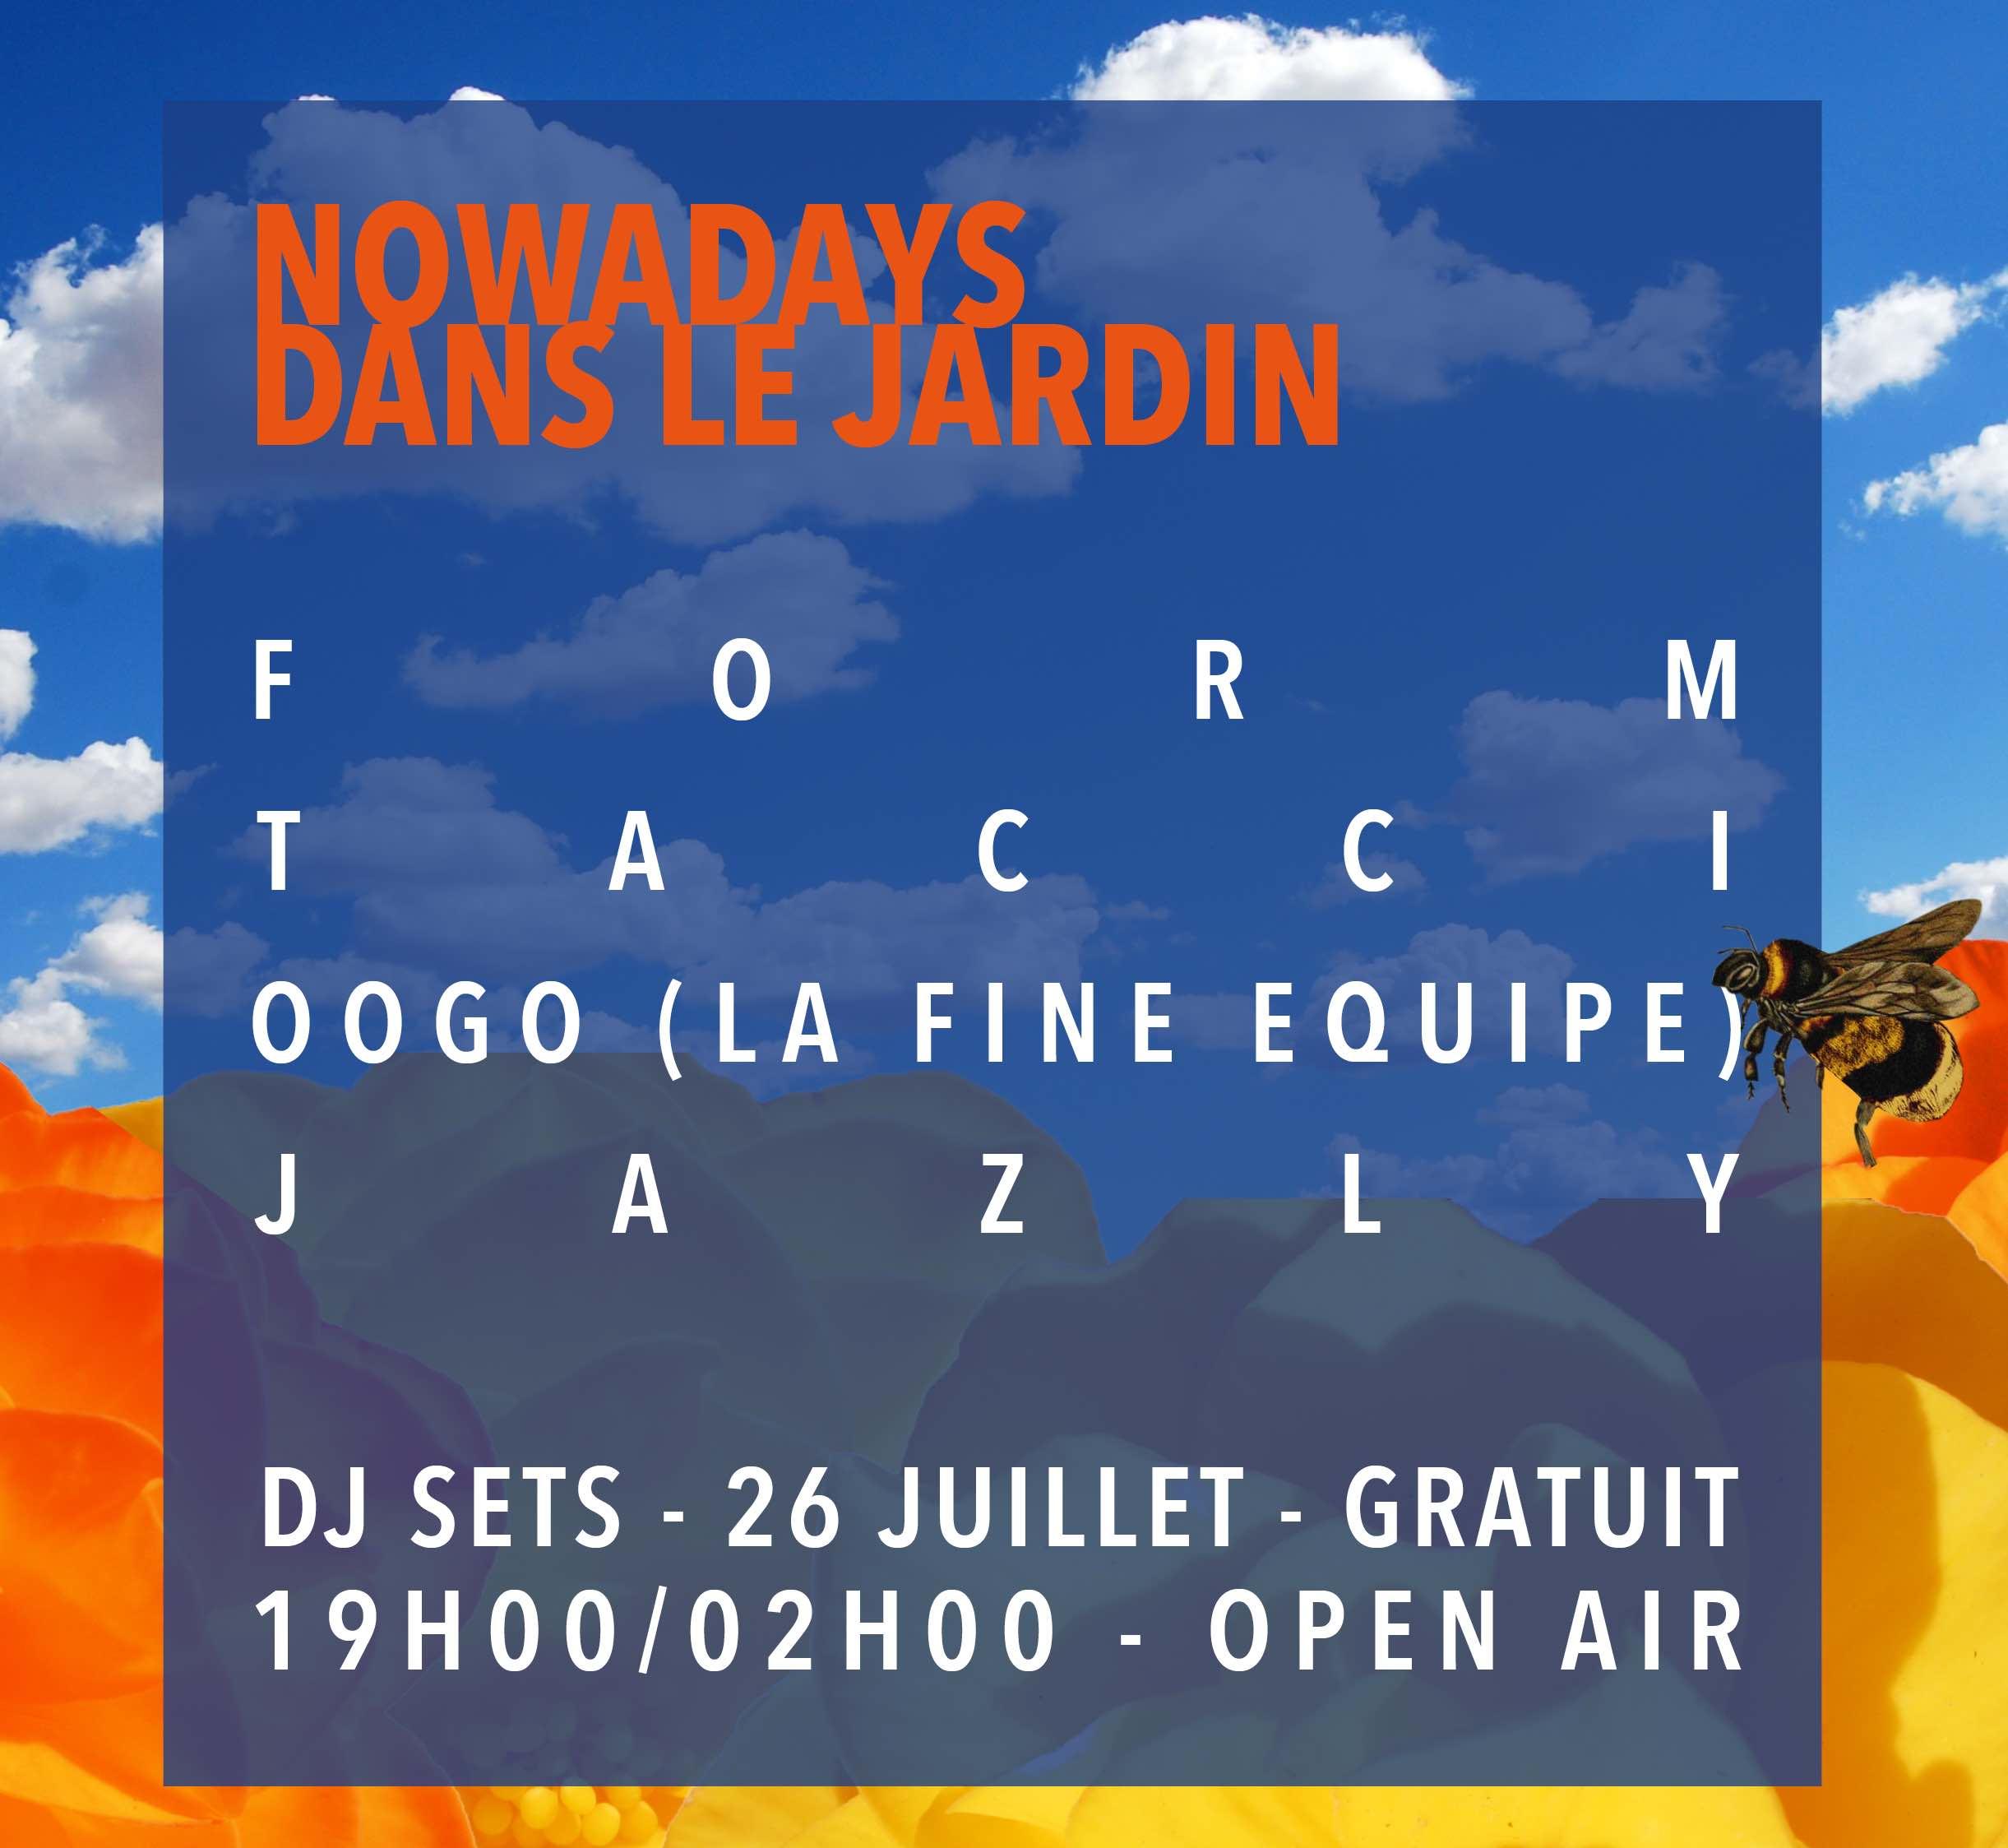 Nowadays Records dans le Jardin21